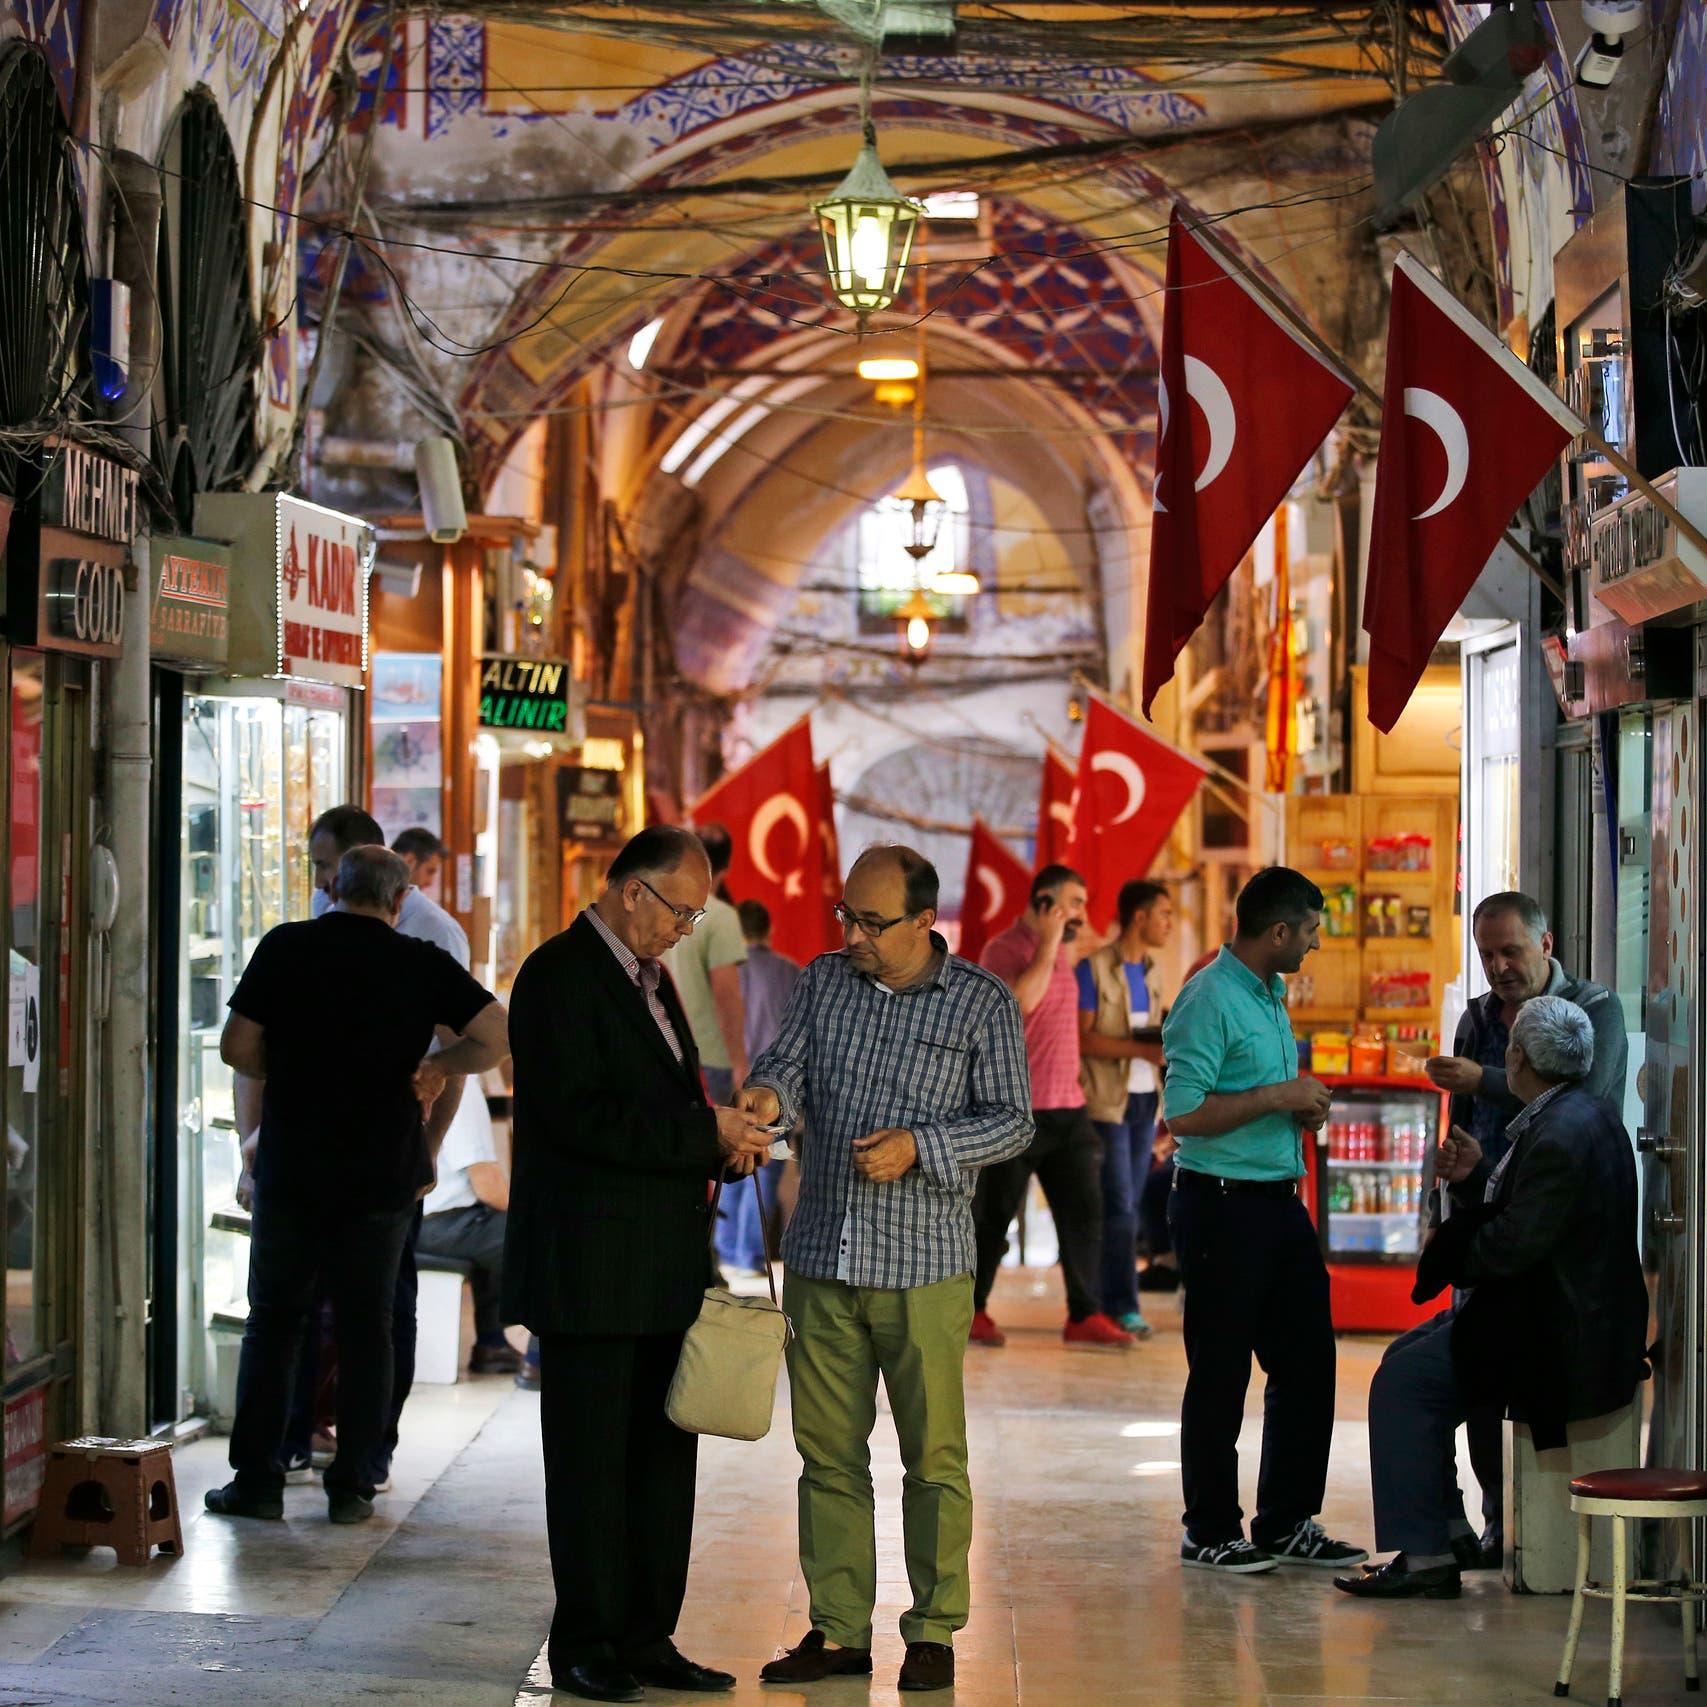 توترات المنطقة تهدد اقتصاد تركيا بالركود مجدداً